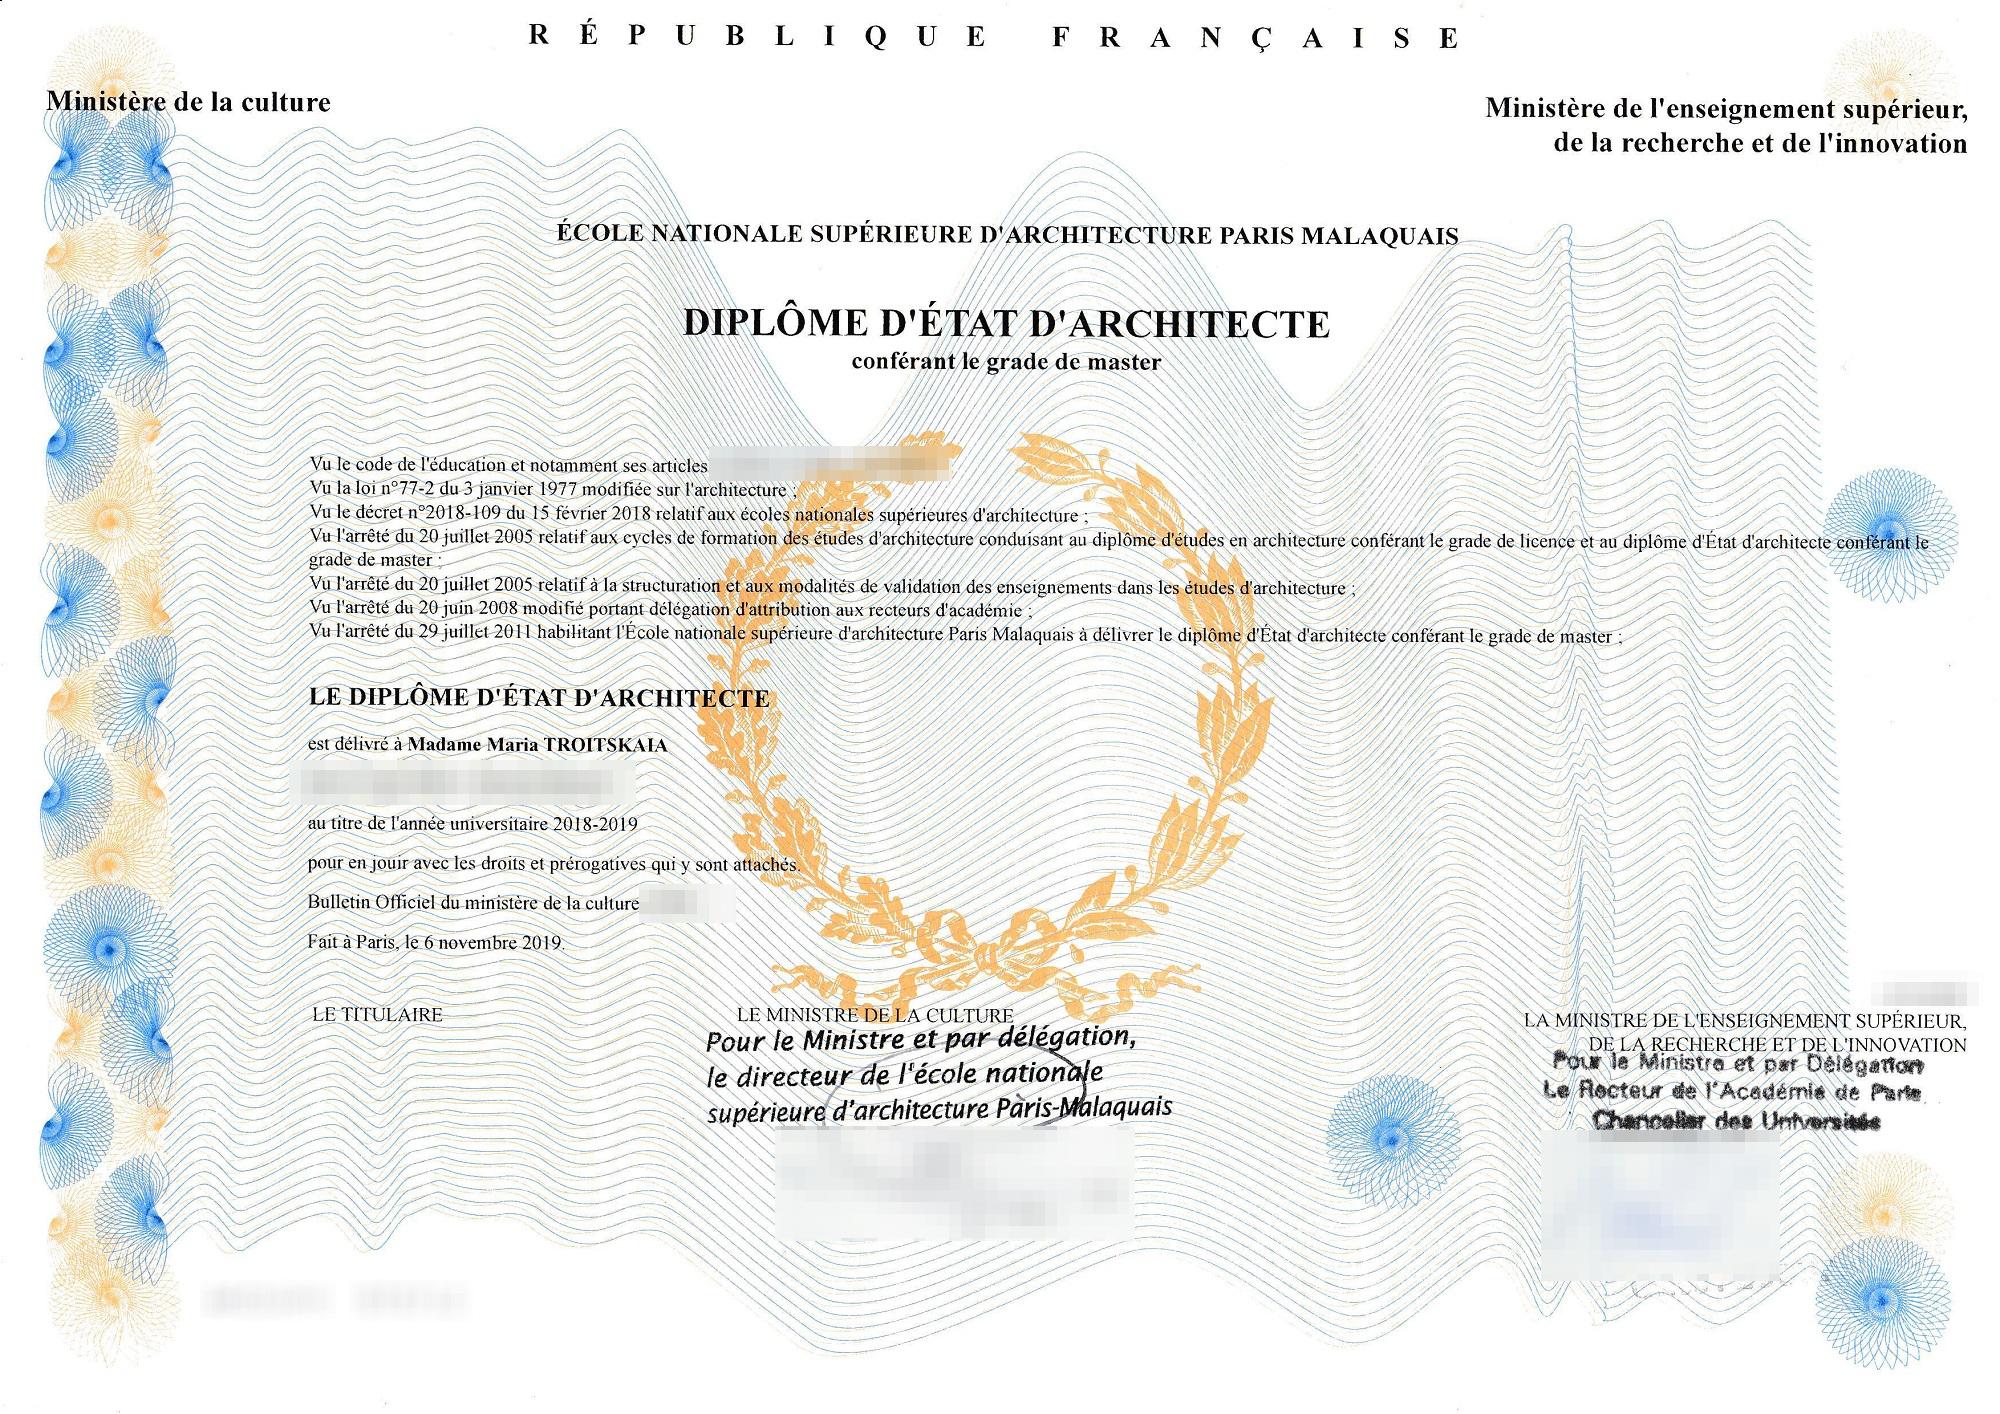 Я получила французский диплом архитектора в2019году. С ним можно работать вагентстве. Чтобы открыть свое бюро, нужно получить еще один специальный архитектурный диплом HMONP — Habilitation àlaMaîtrise d'Œuvre enNom Propre. Это как постмагистратура, где учеба длится год